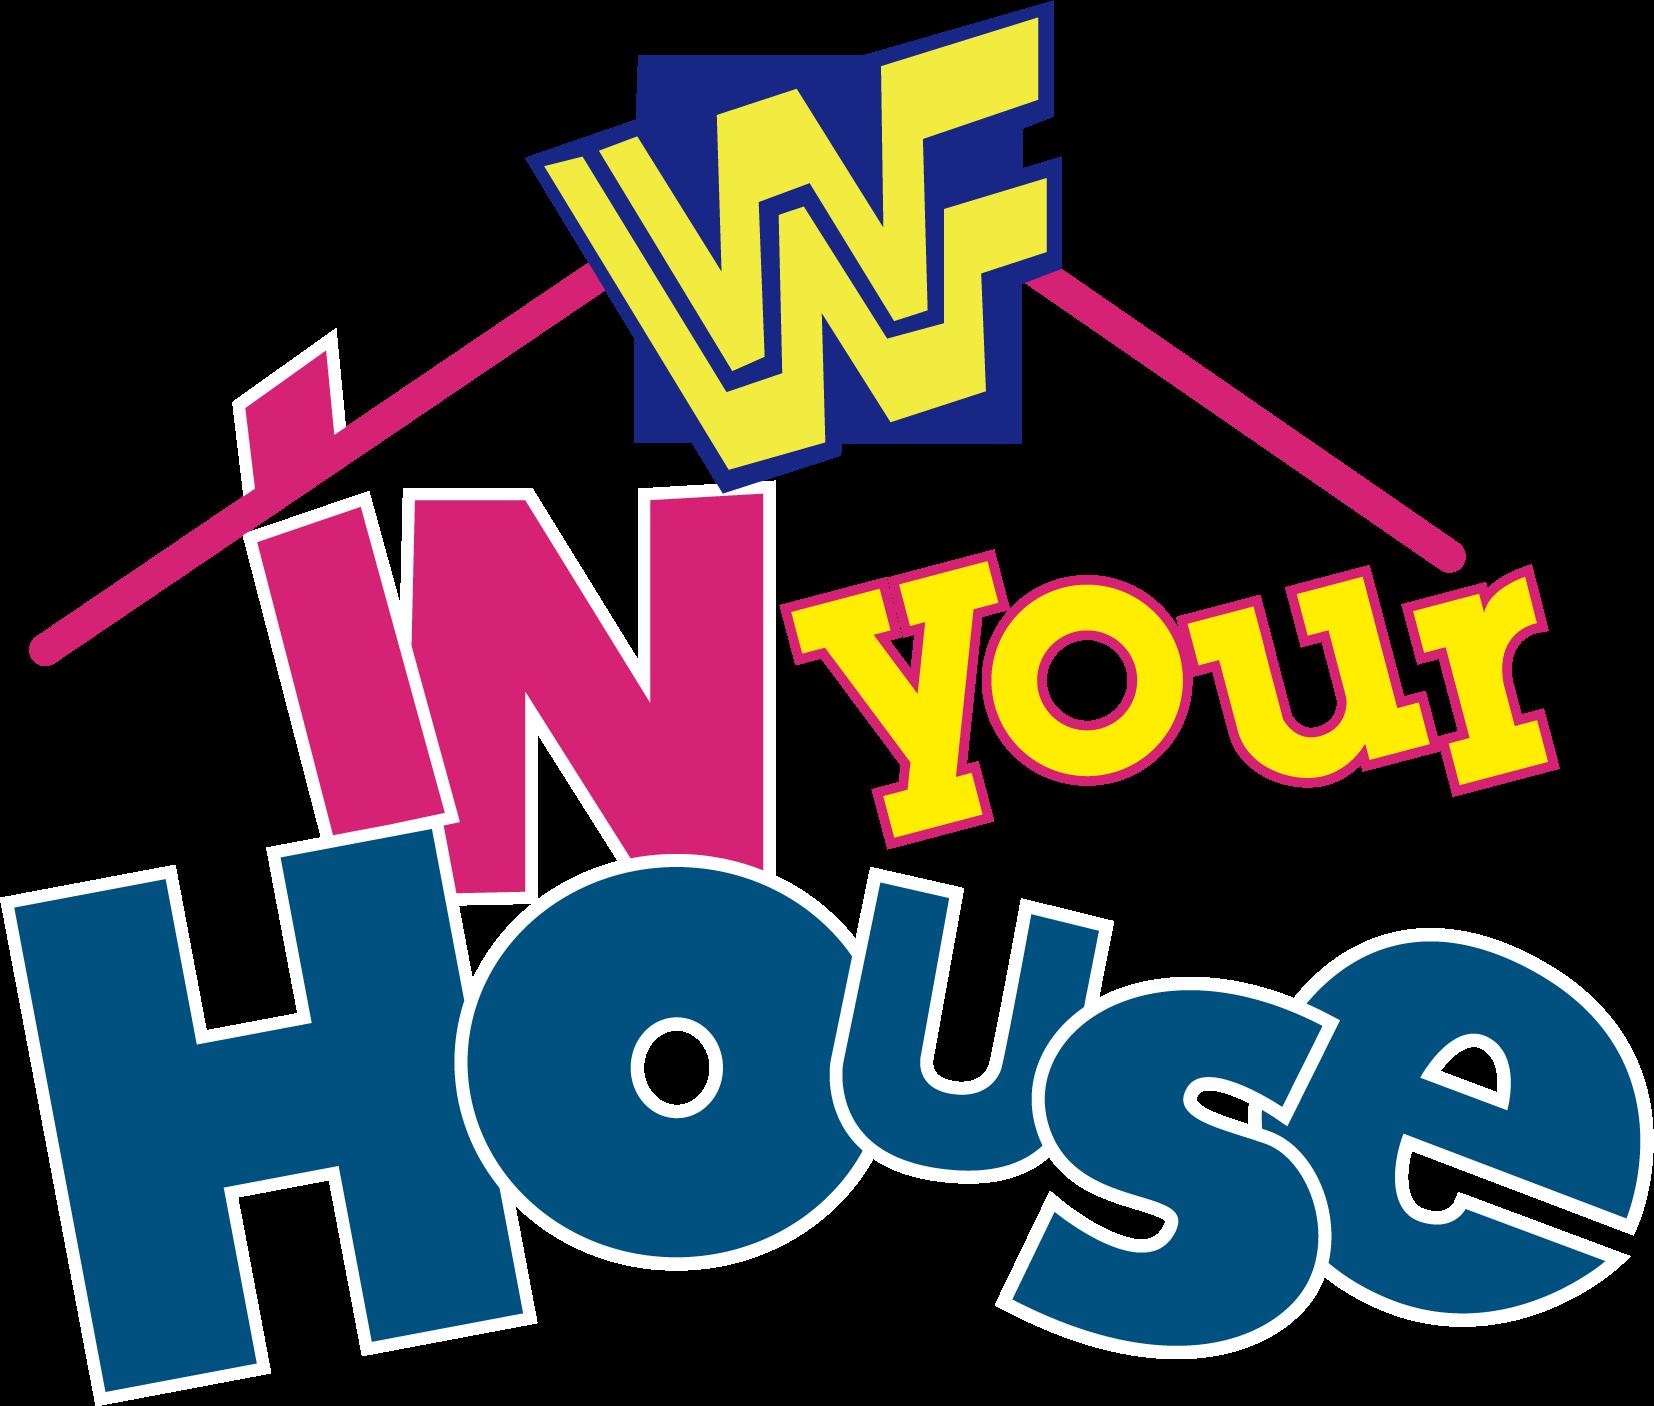 In Your House | Wiki Pro Wrestling | Fandom